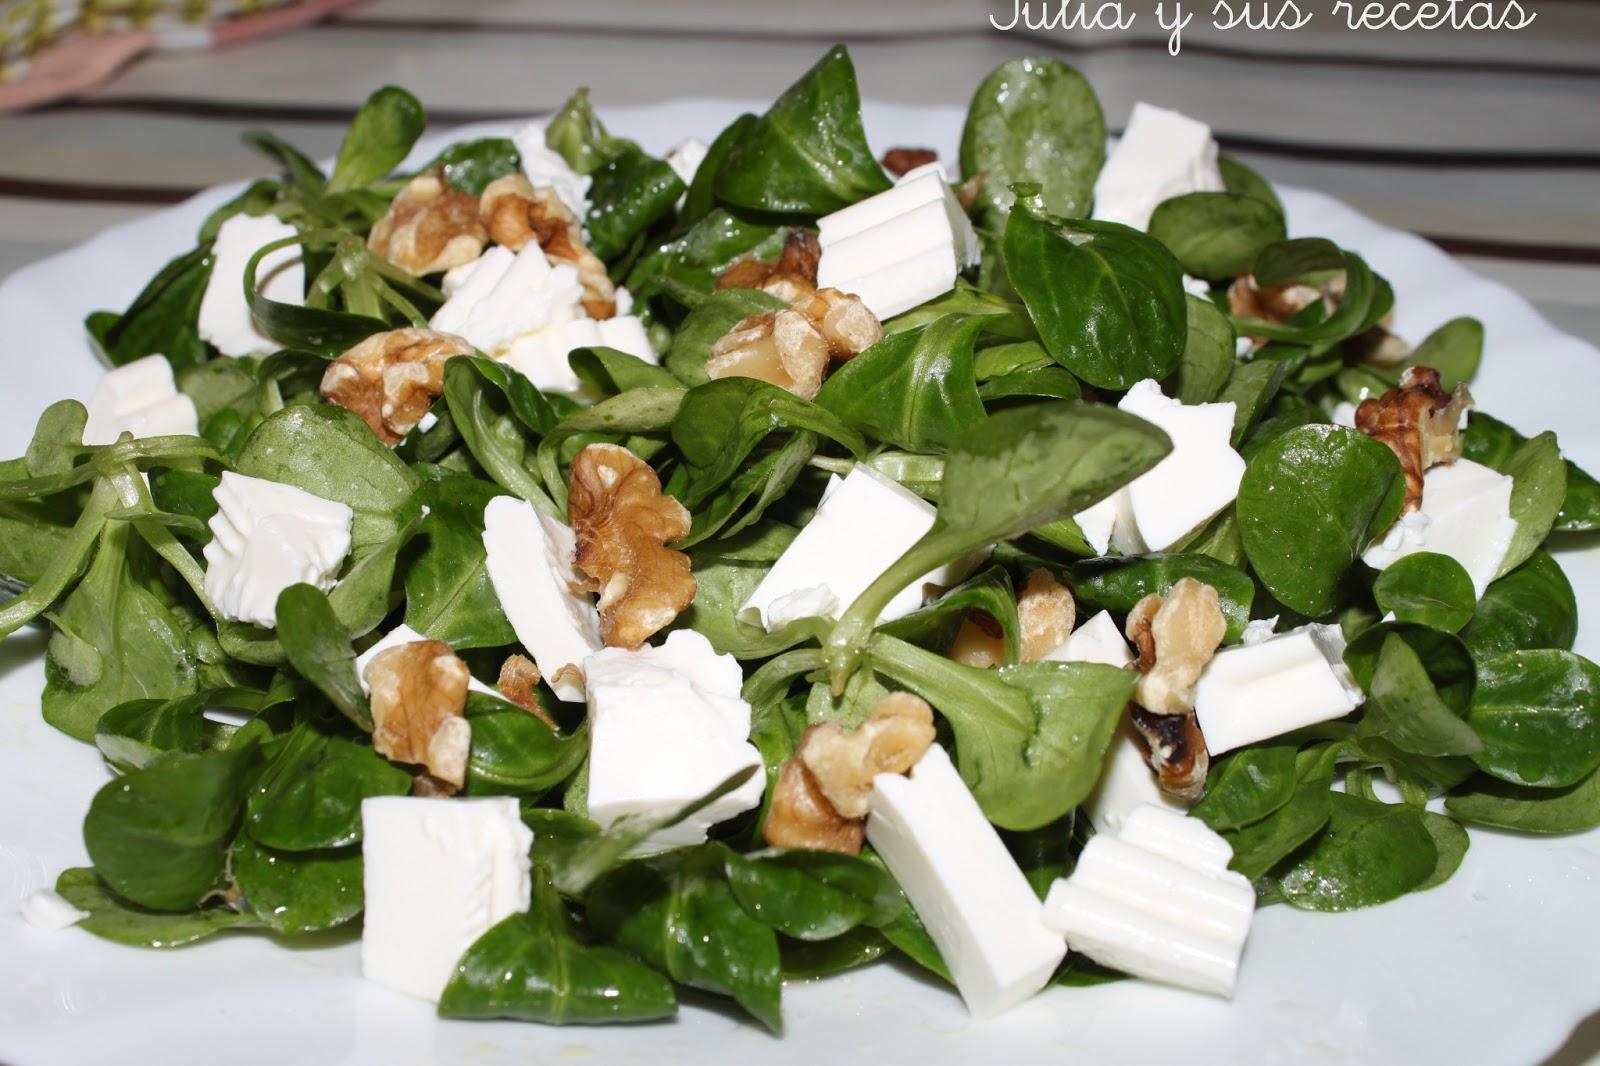 Julia y sus recetas ensalada de can nigos con queso y nueces - Ensaladas con canonigos ...